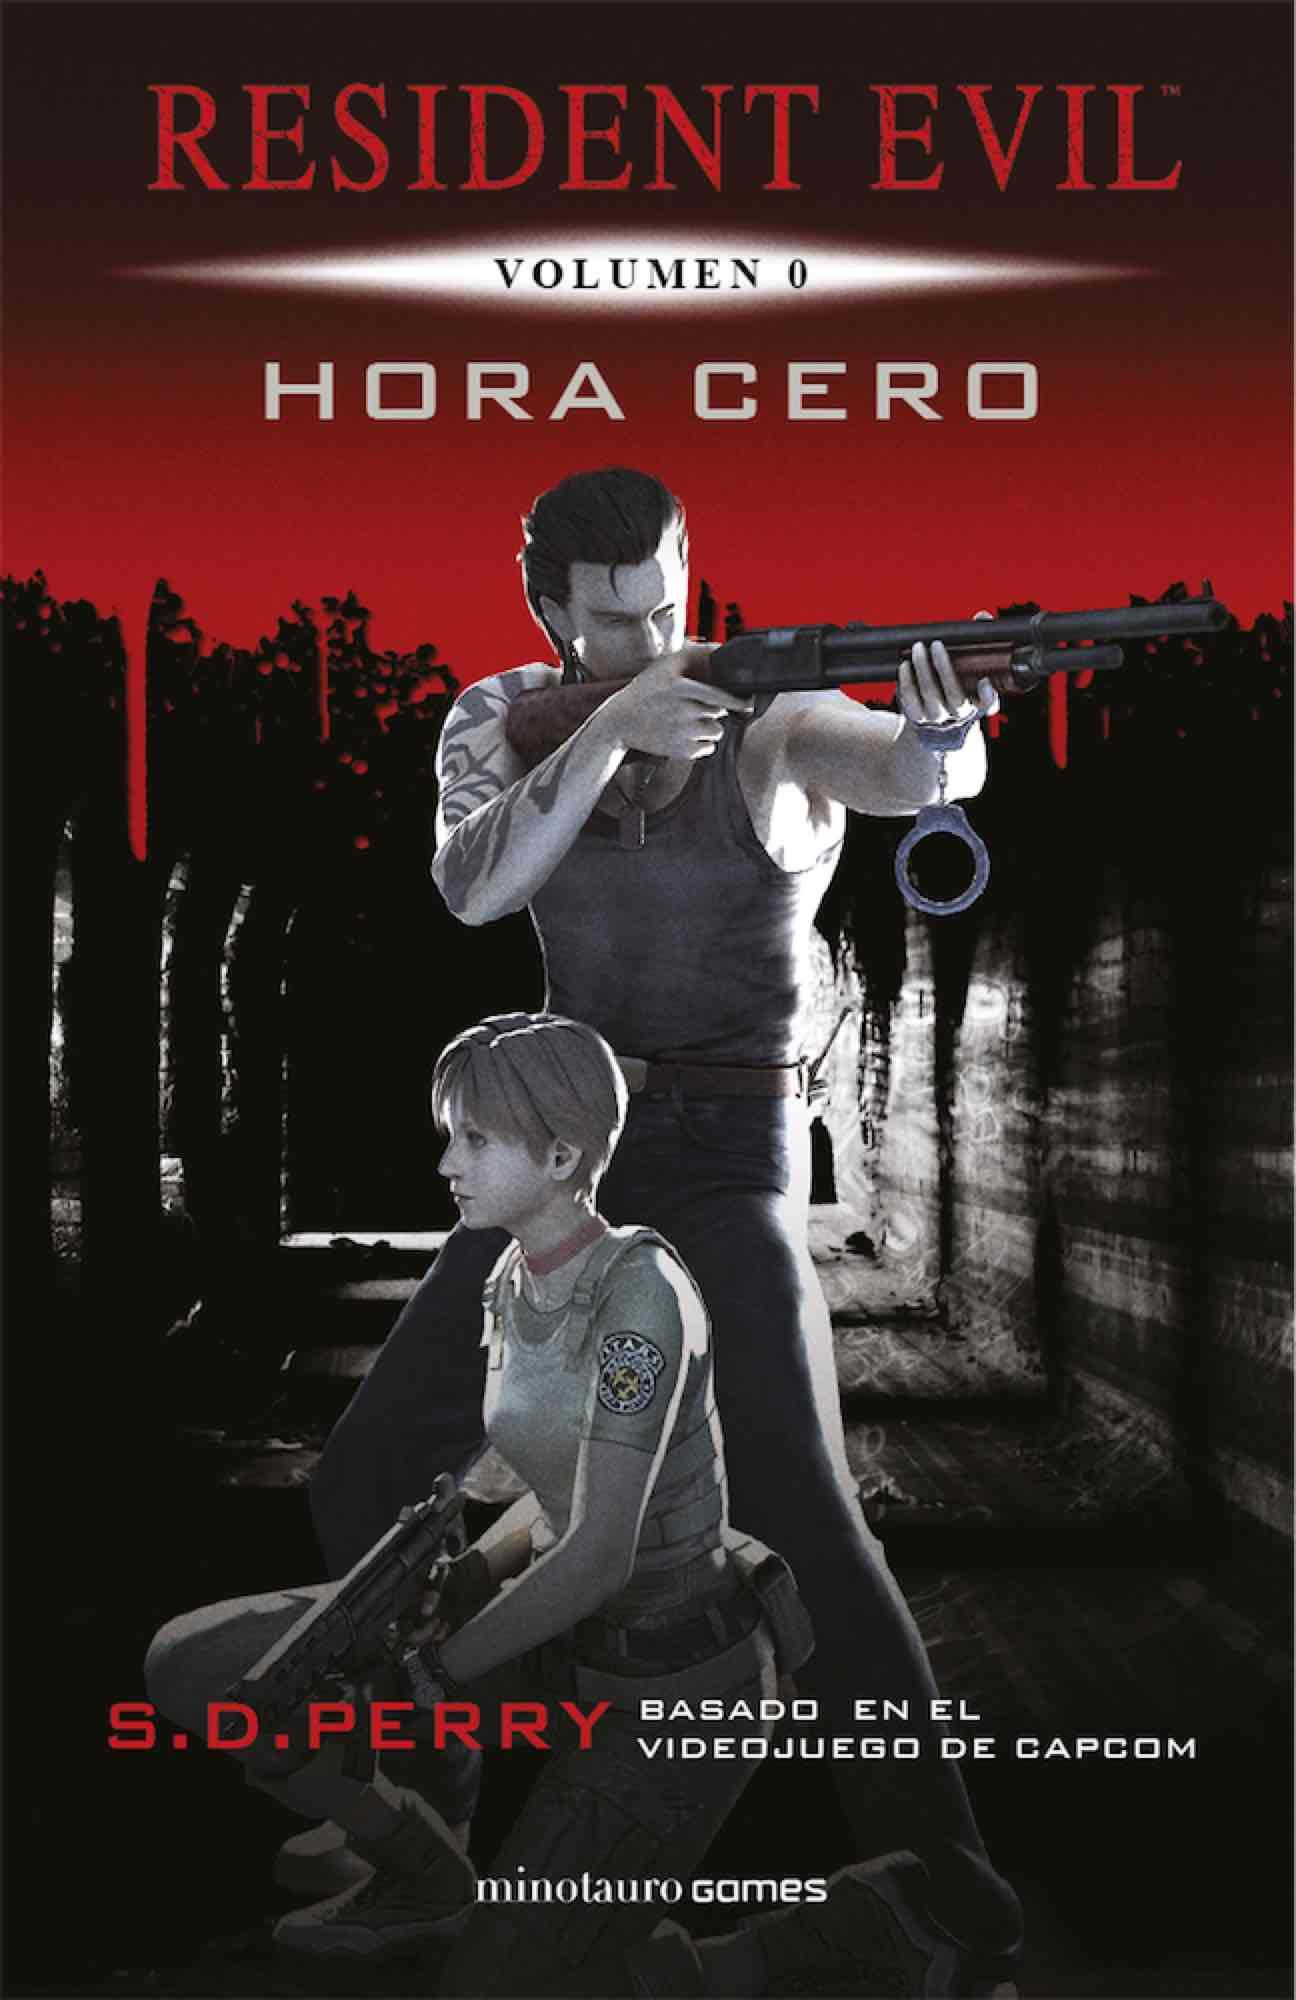 HORA CERO (RESIDENT EVIL 00)